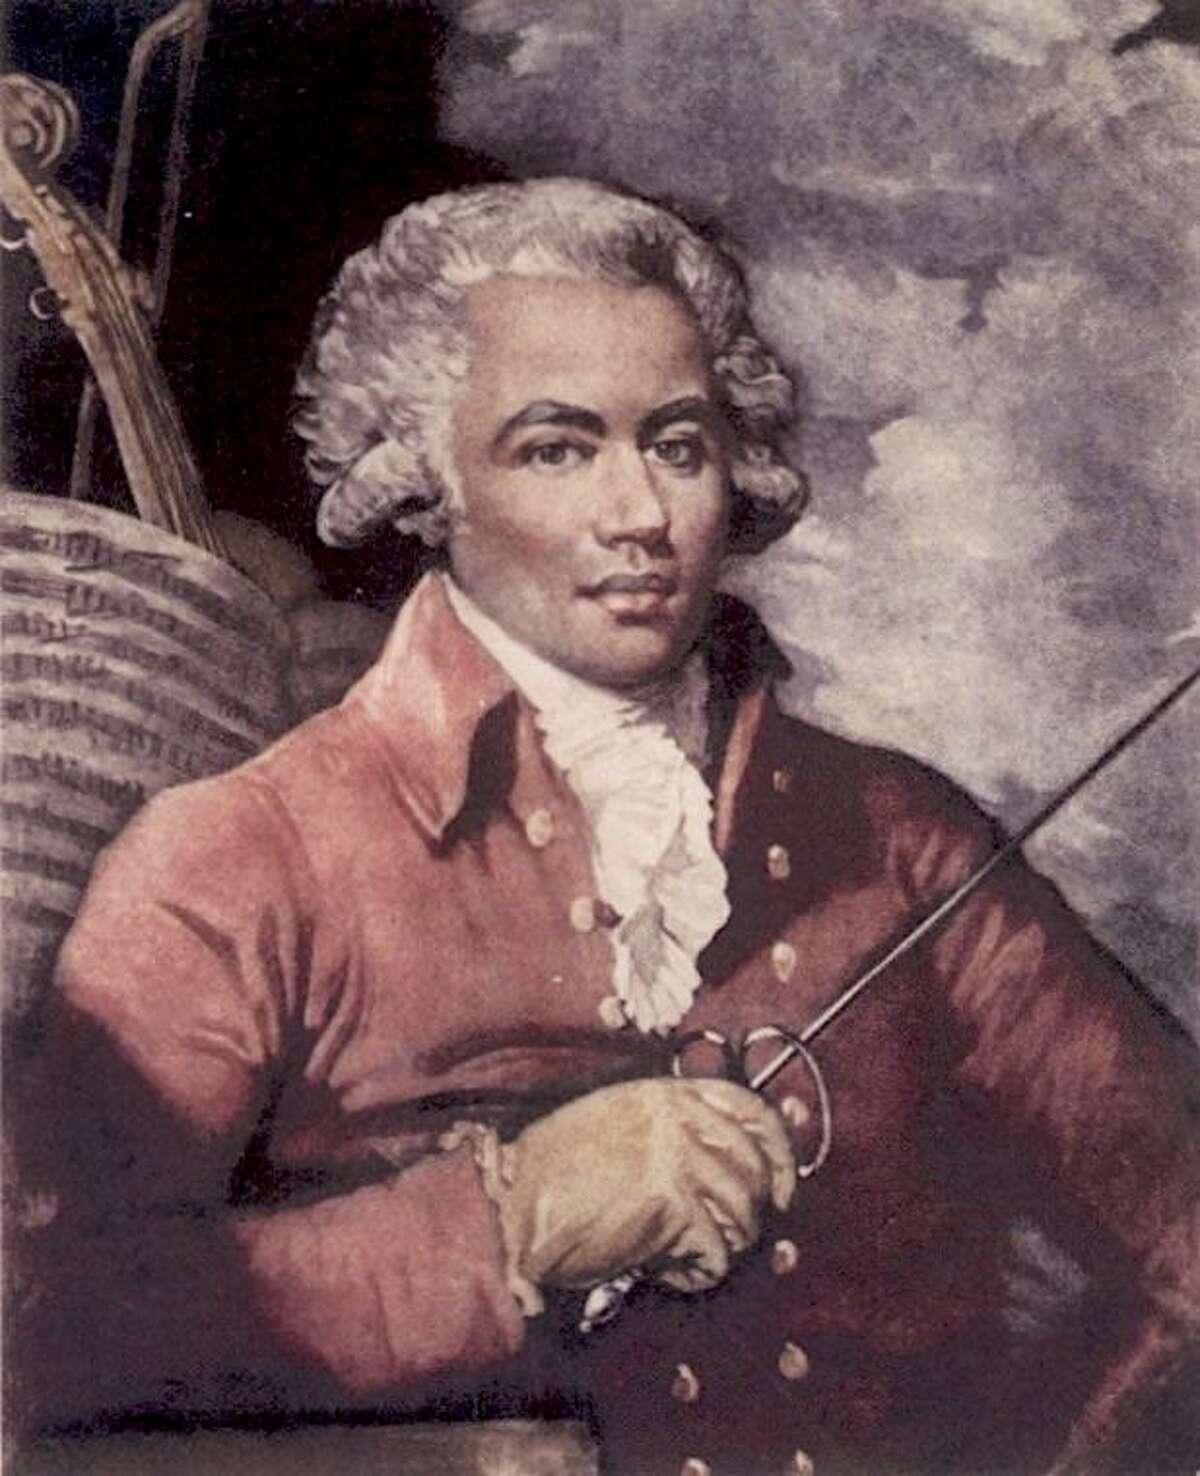 A portrait of Joseph Bologne.